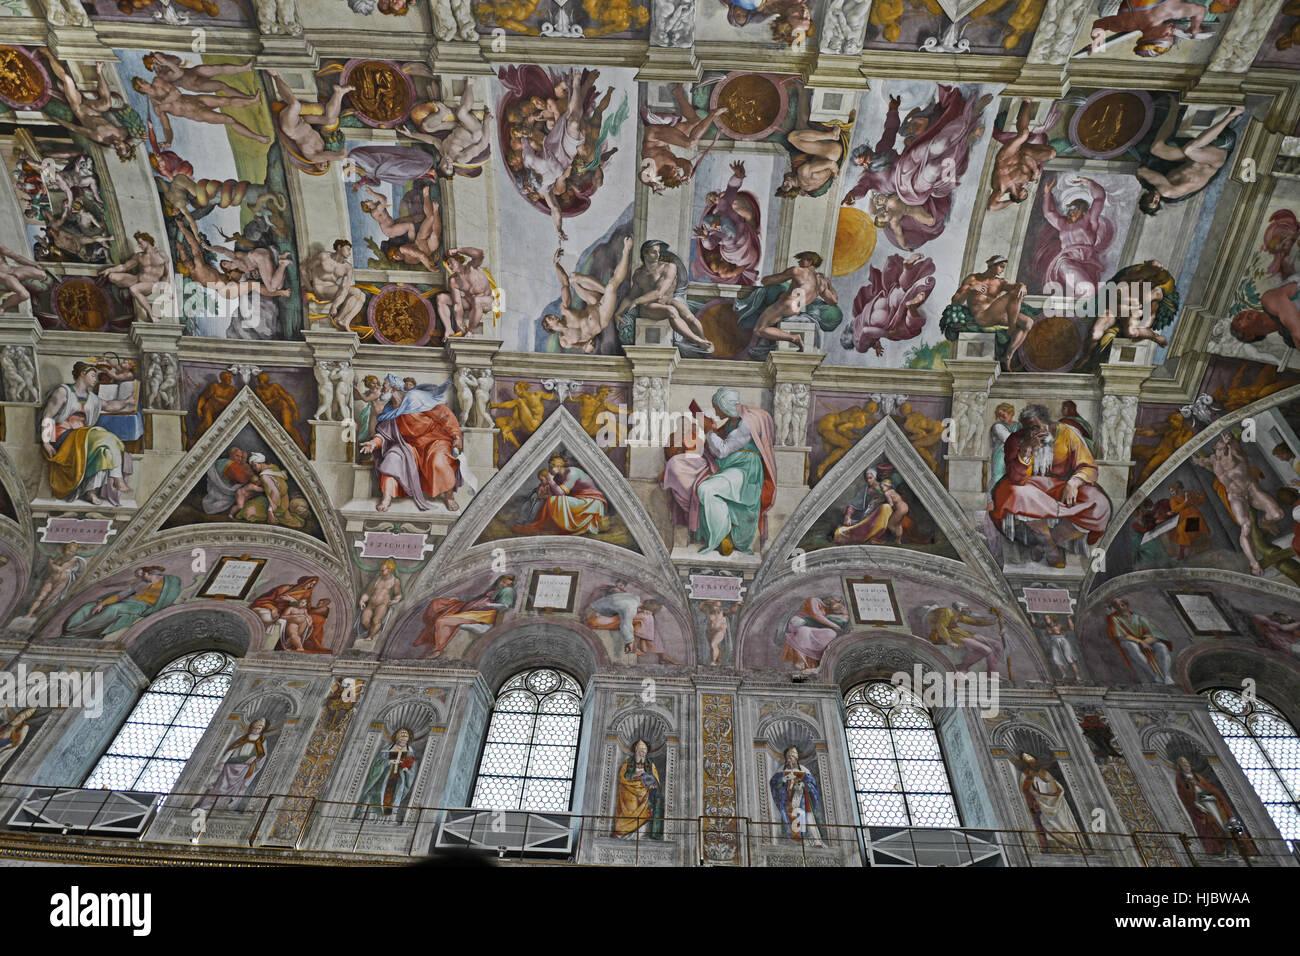 Peinture De Plafond Par Michelangelo Du Jugement Dernier A La